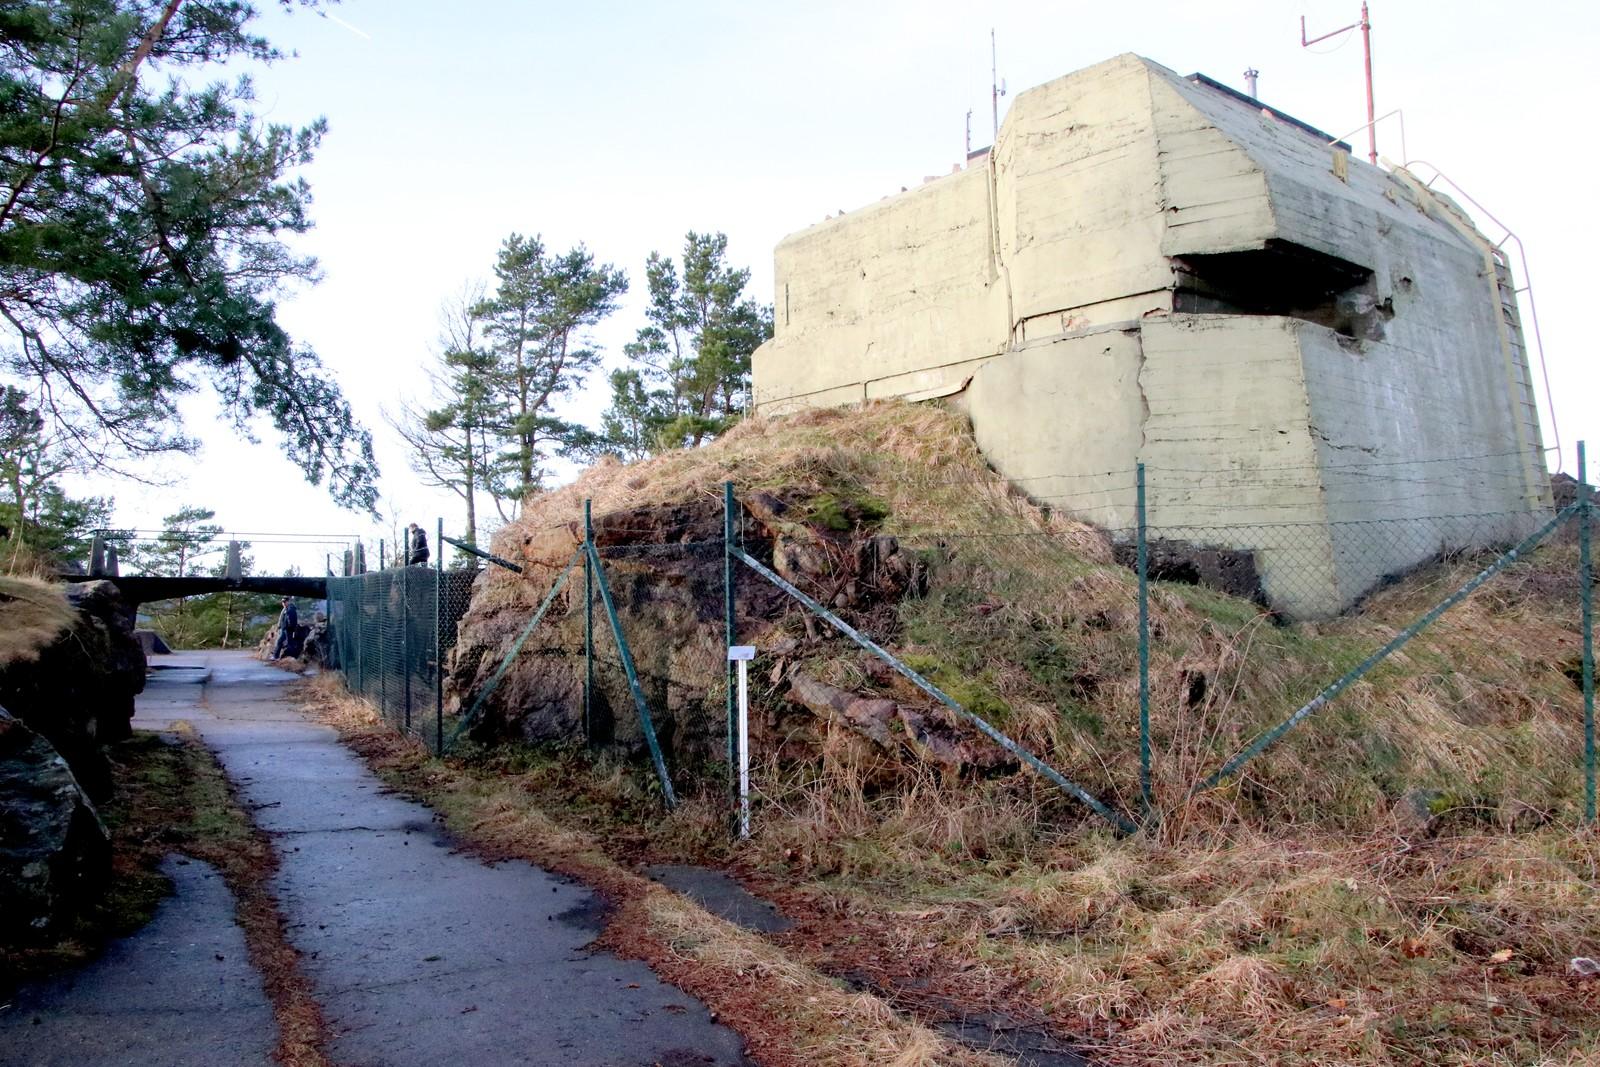 Under bakken til venstre skjuler Haubitz gangen seg.